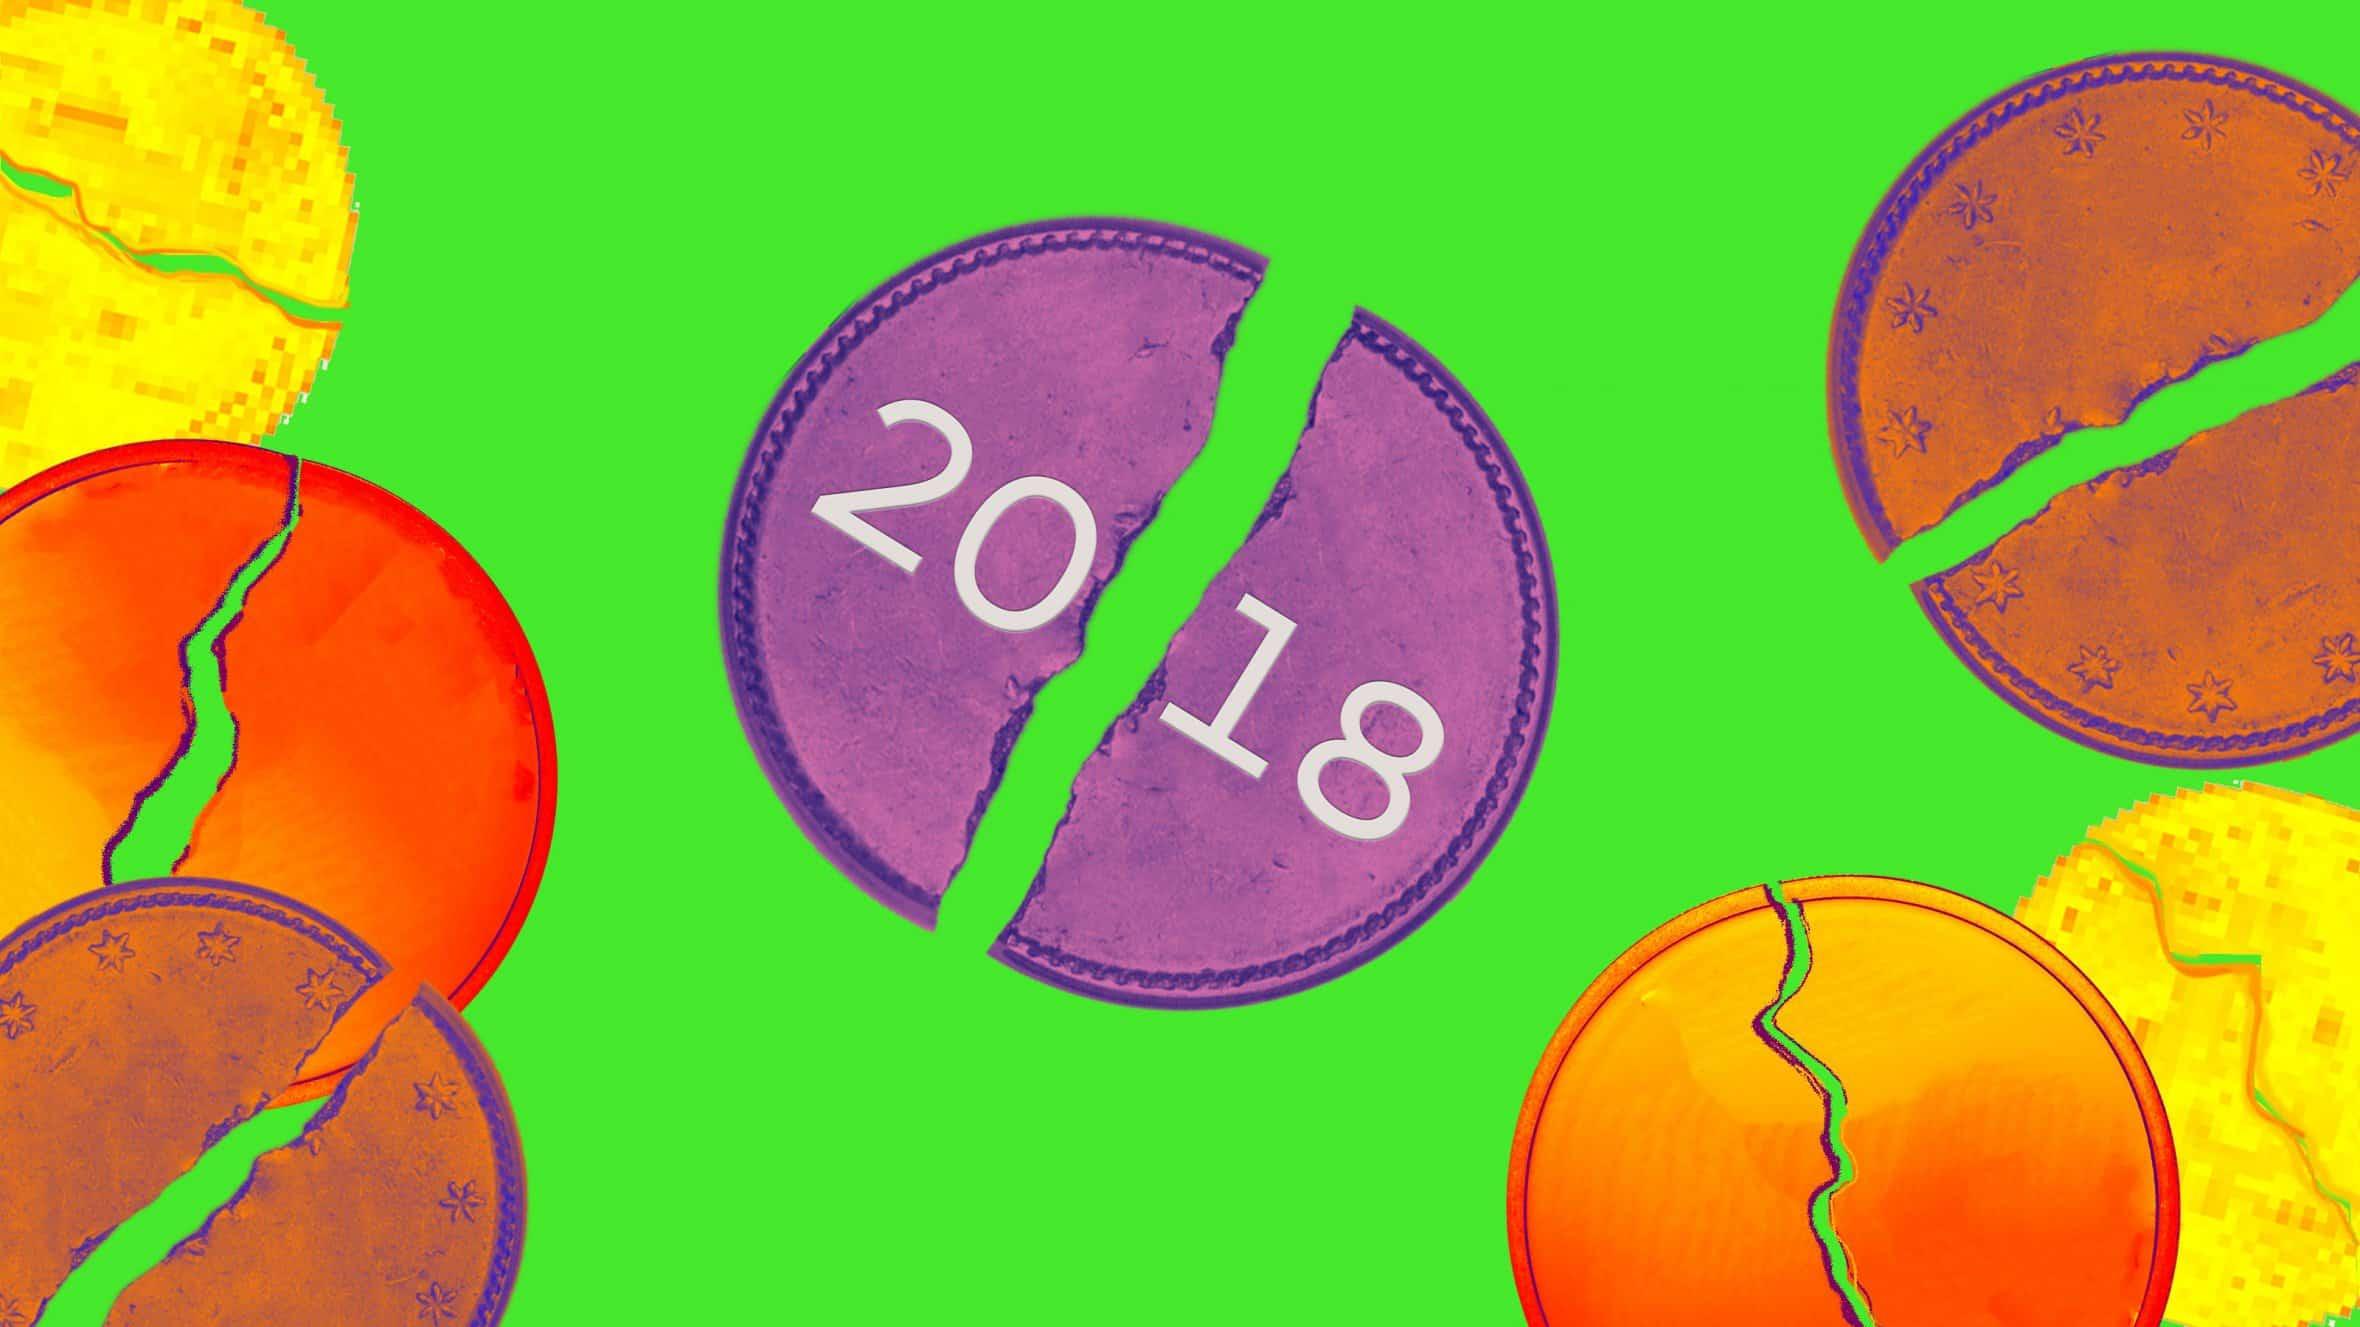 تعرضت العملات المشفرة إلى انهيار في 2018، أما الآن فهي في وضعها الصحيح